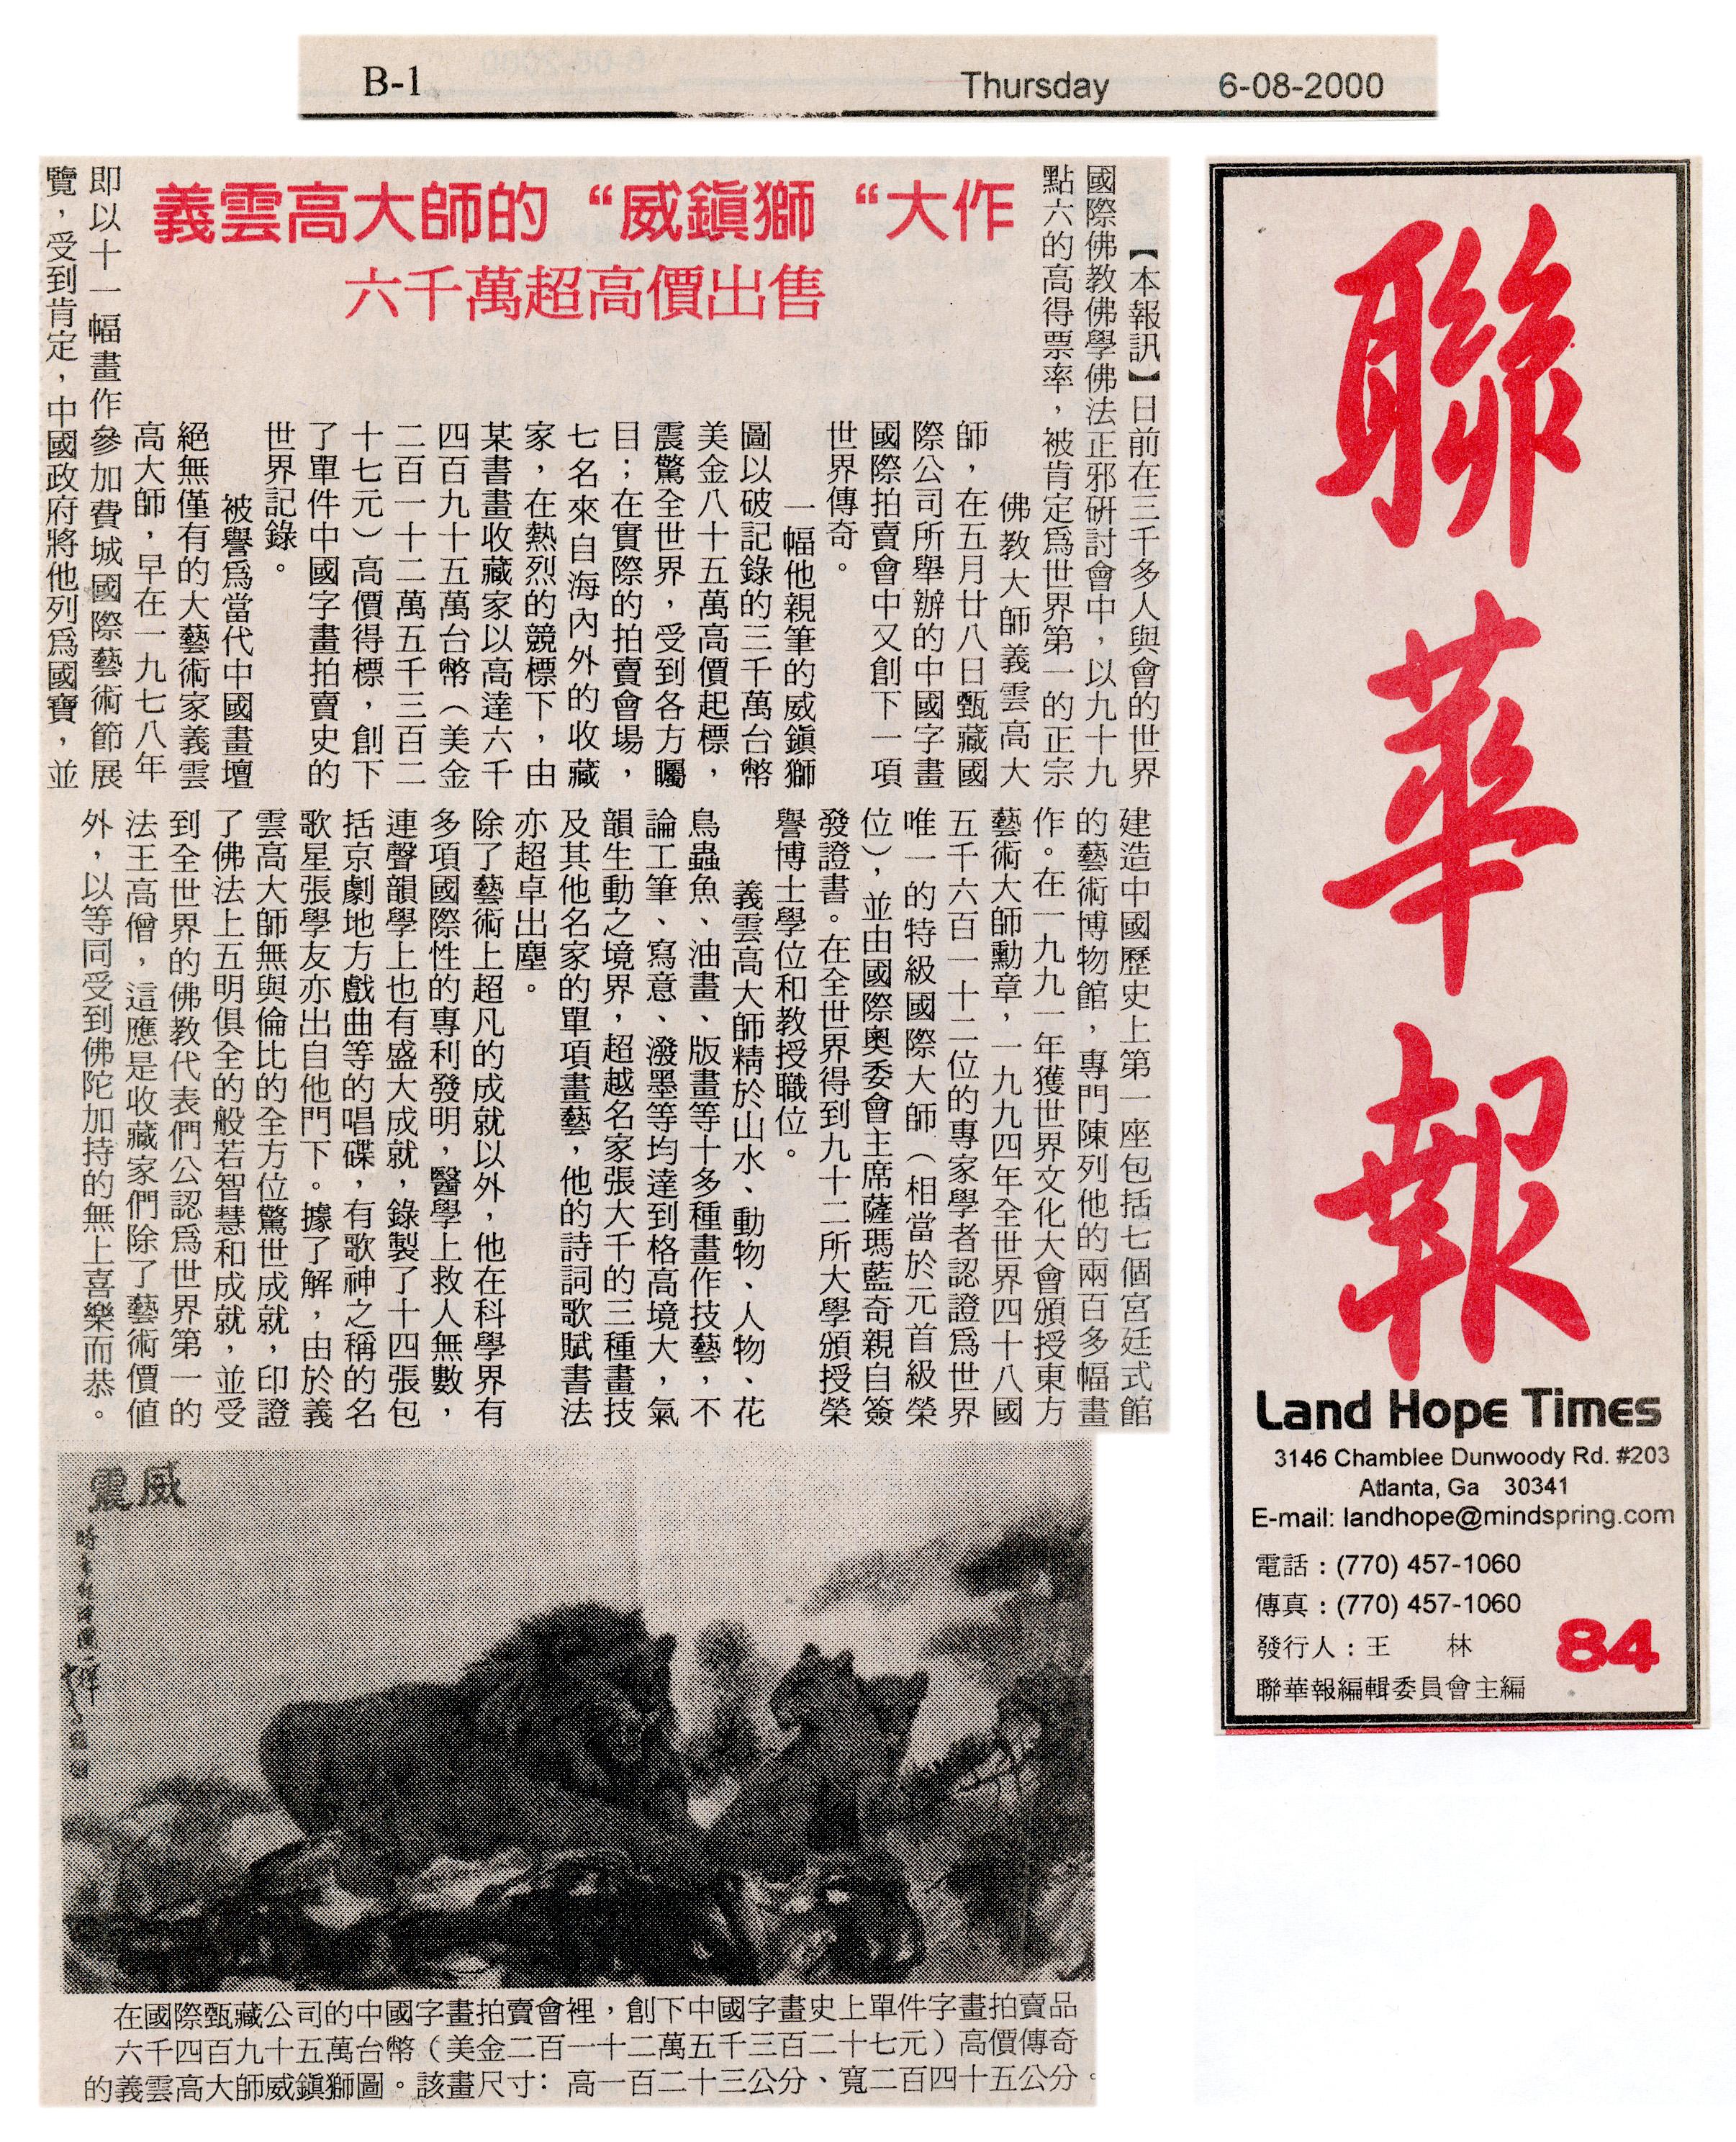 義雲高大師的「威震獅」大作 六千萬超高價出售 (聯華報 2000年6月8日 B-1)